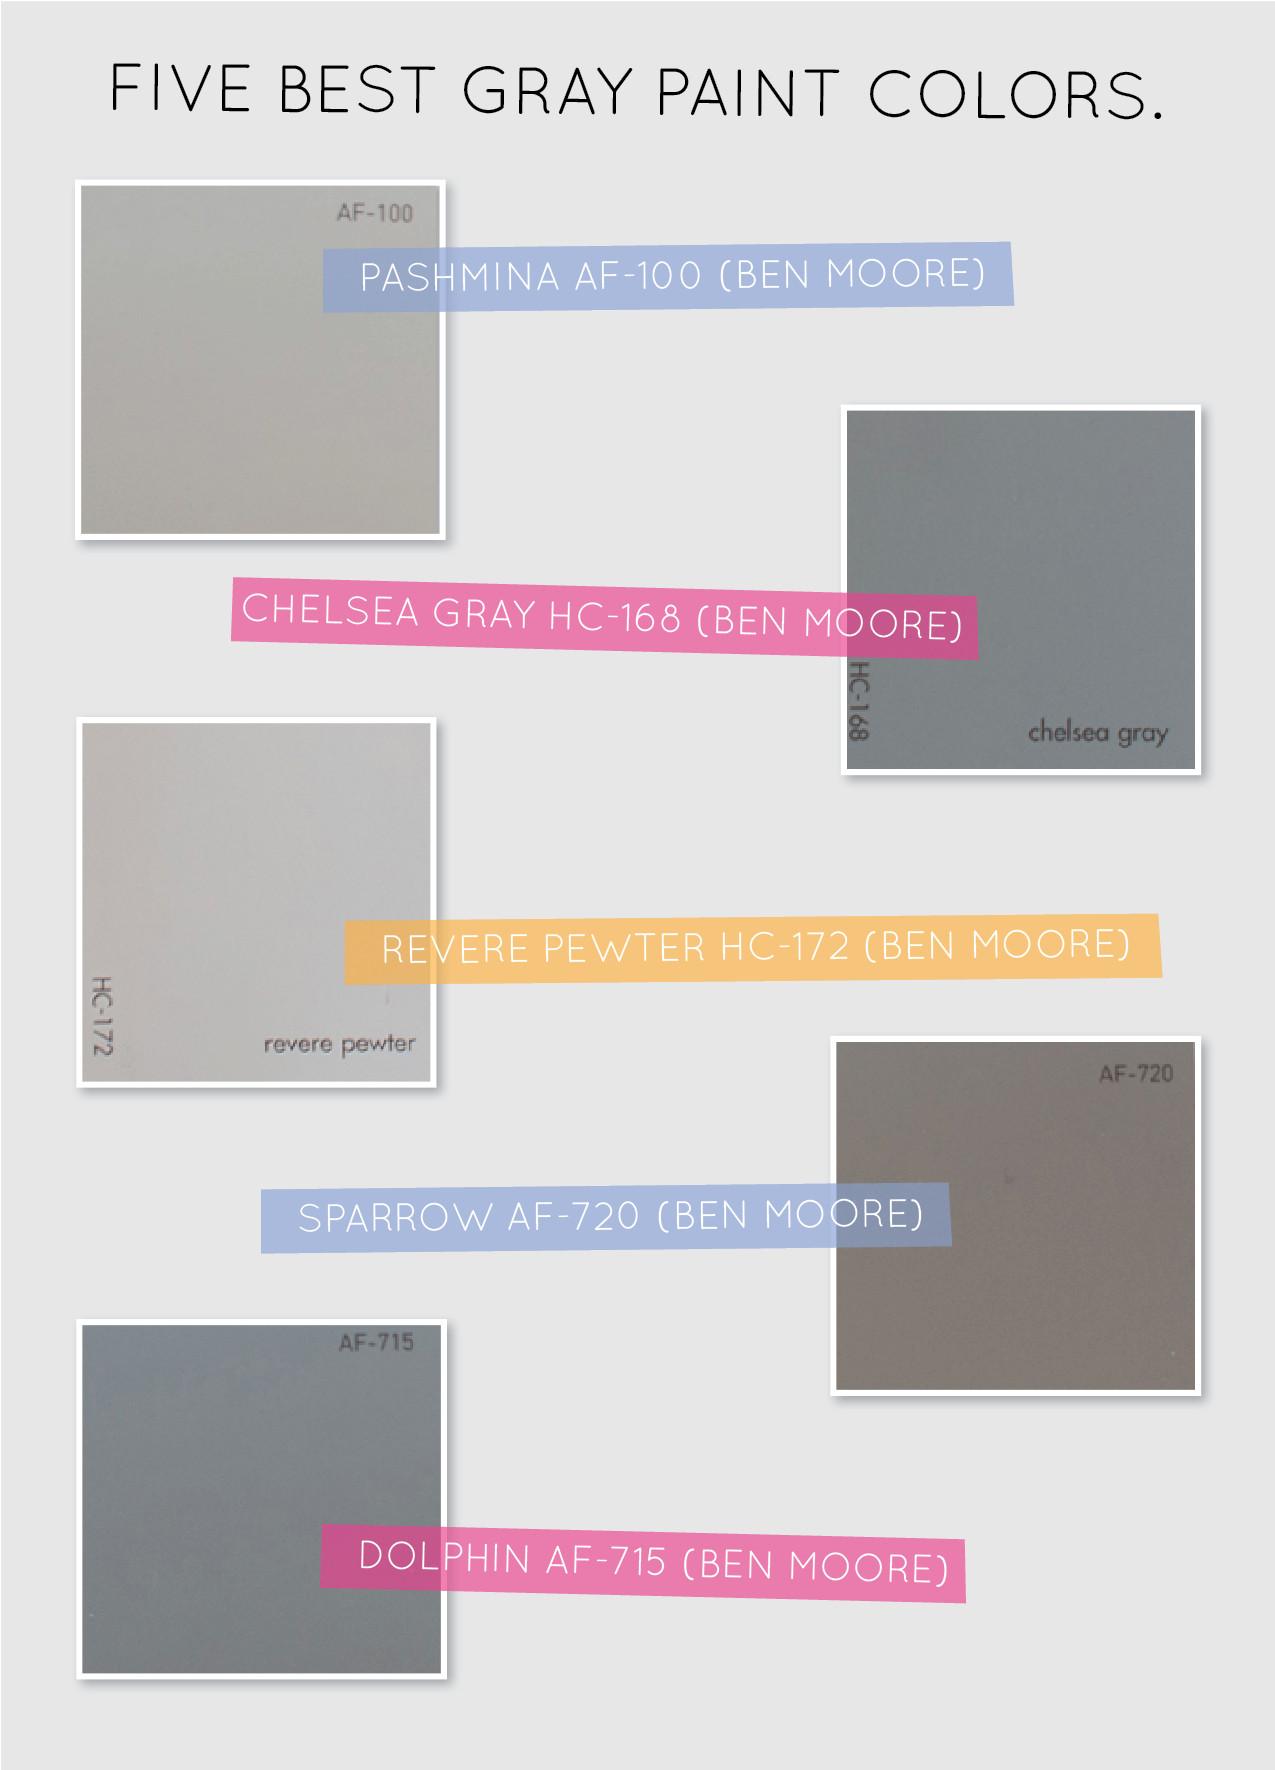 Best ideas about Best Gray Paint Colors . Save or Pin Alice and Lois5 best gray paint colors Now.